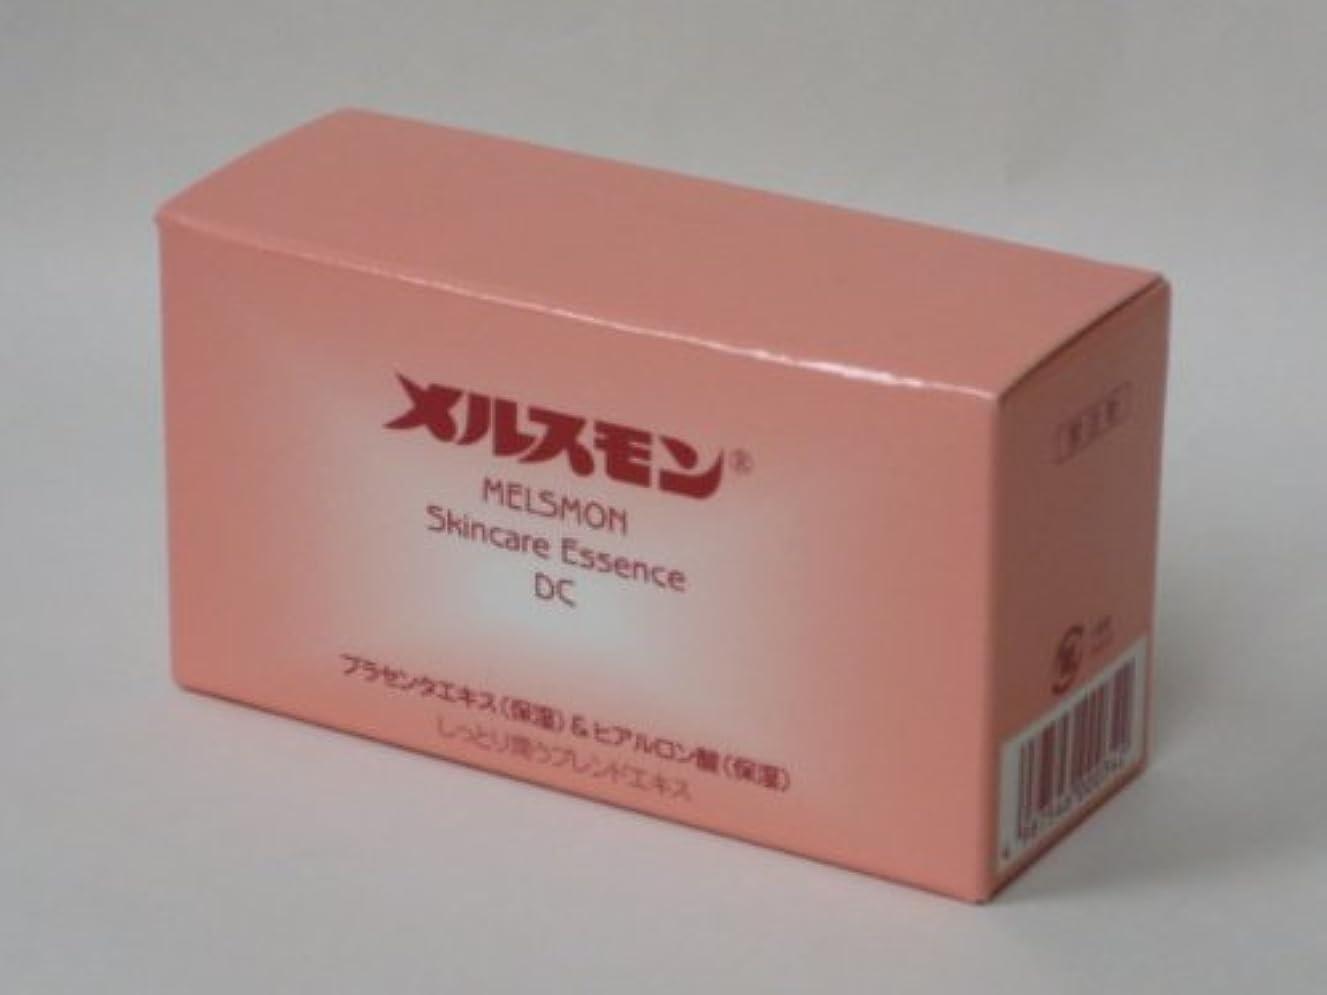 掻く慣性取るメルスモンスキンケアエッセンス10ml x 3×3箱